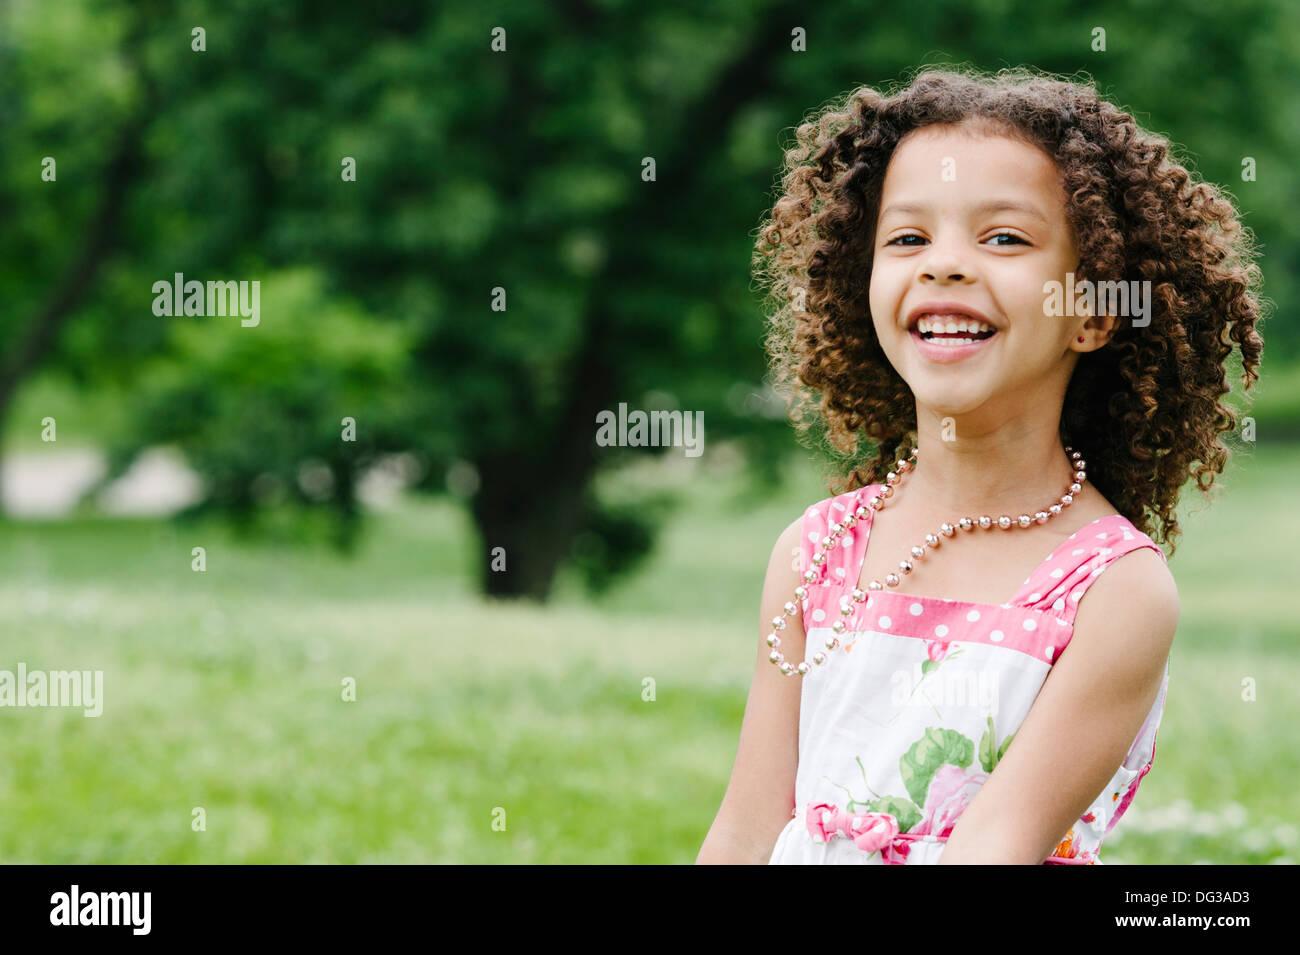 Sonriente Joven con cabello castaño rizado, Retrato Foto de stock